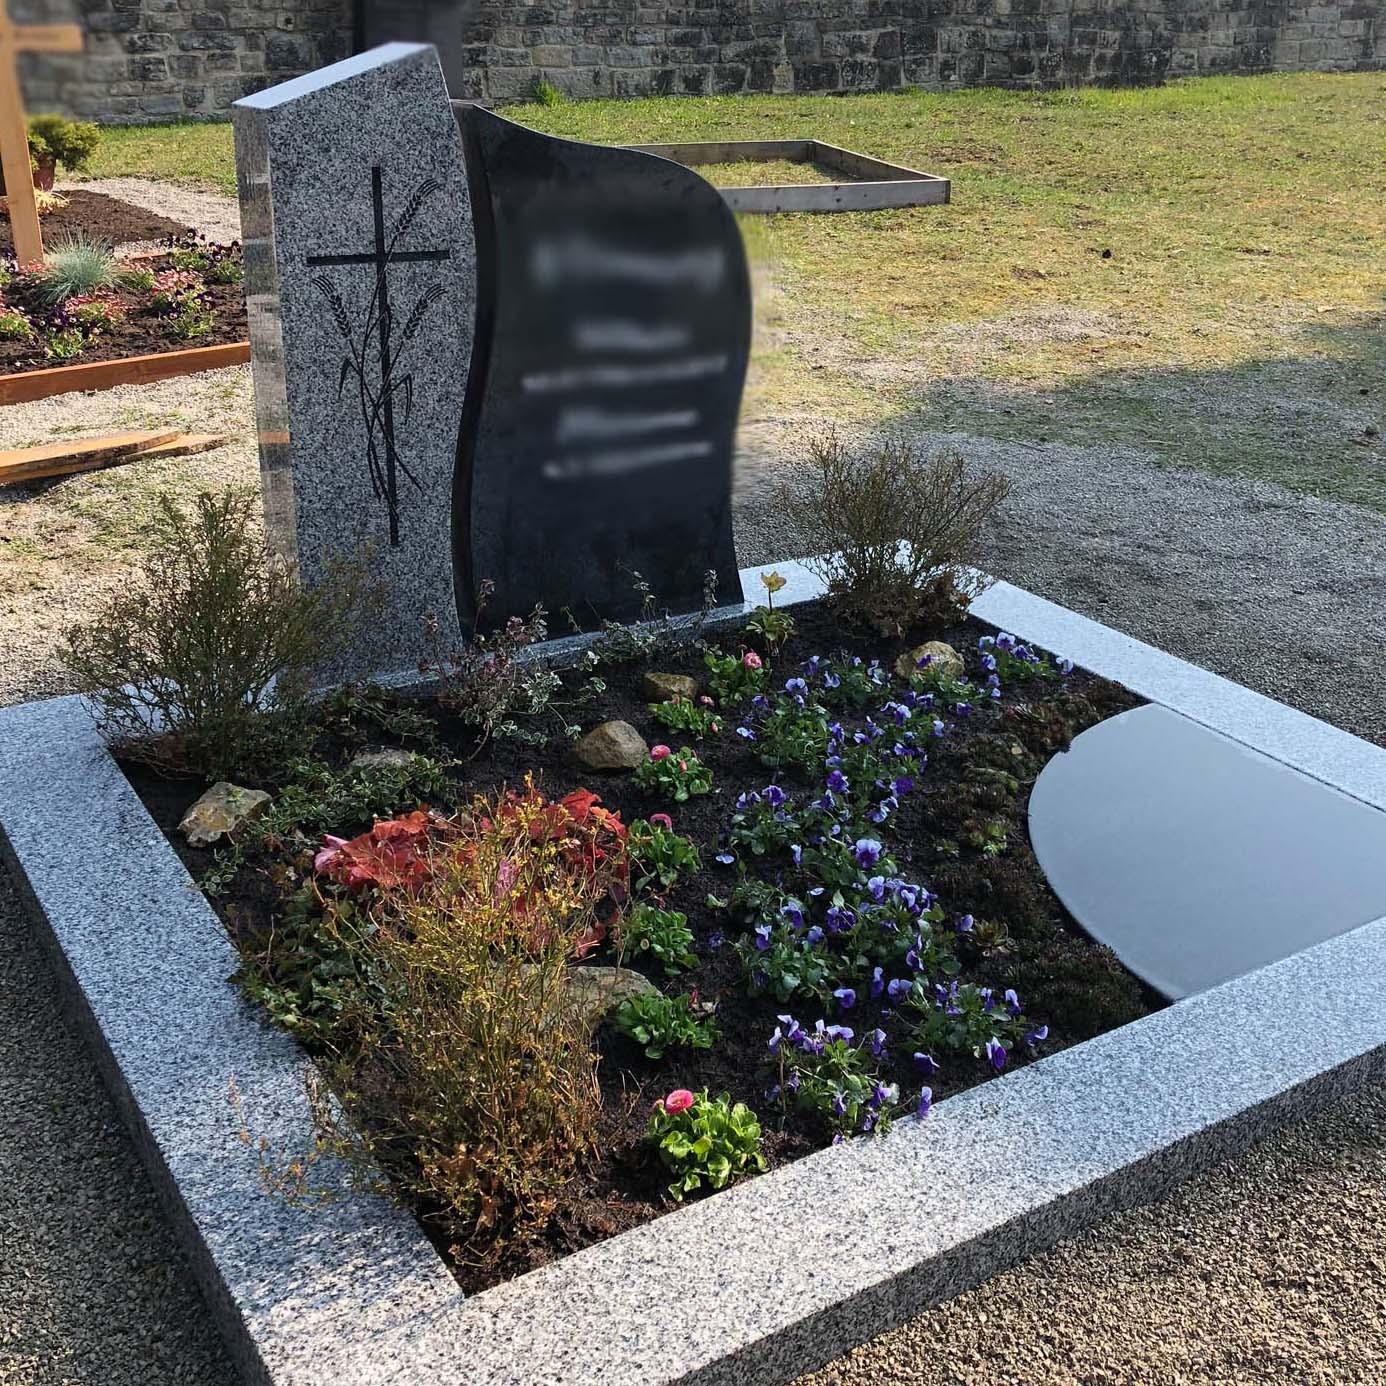 zweifarbiger Doppelgrabstein mit Grabgestaltung